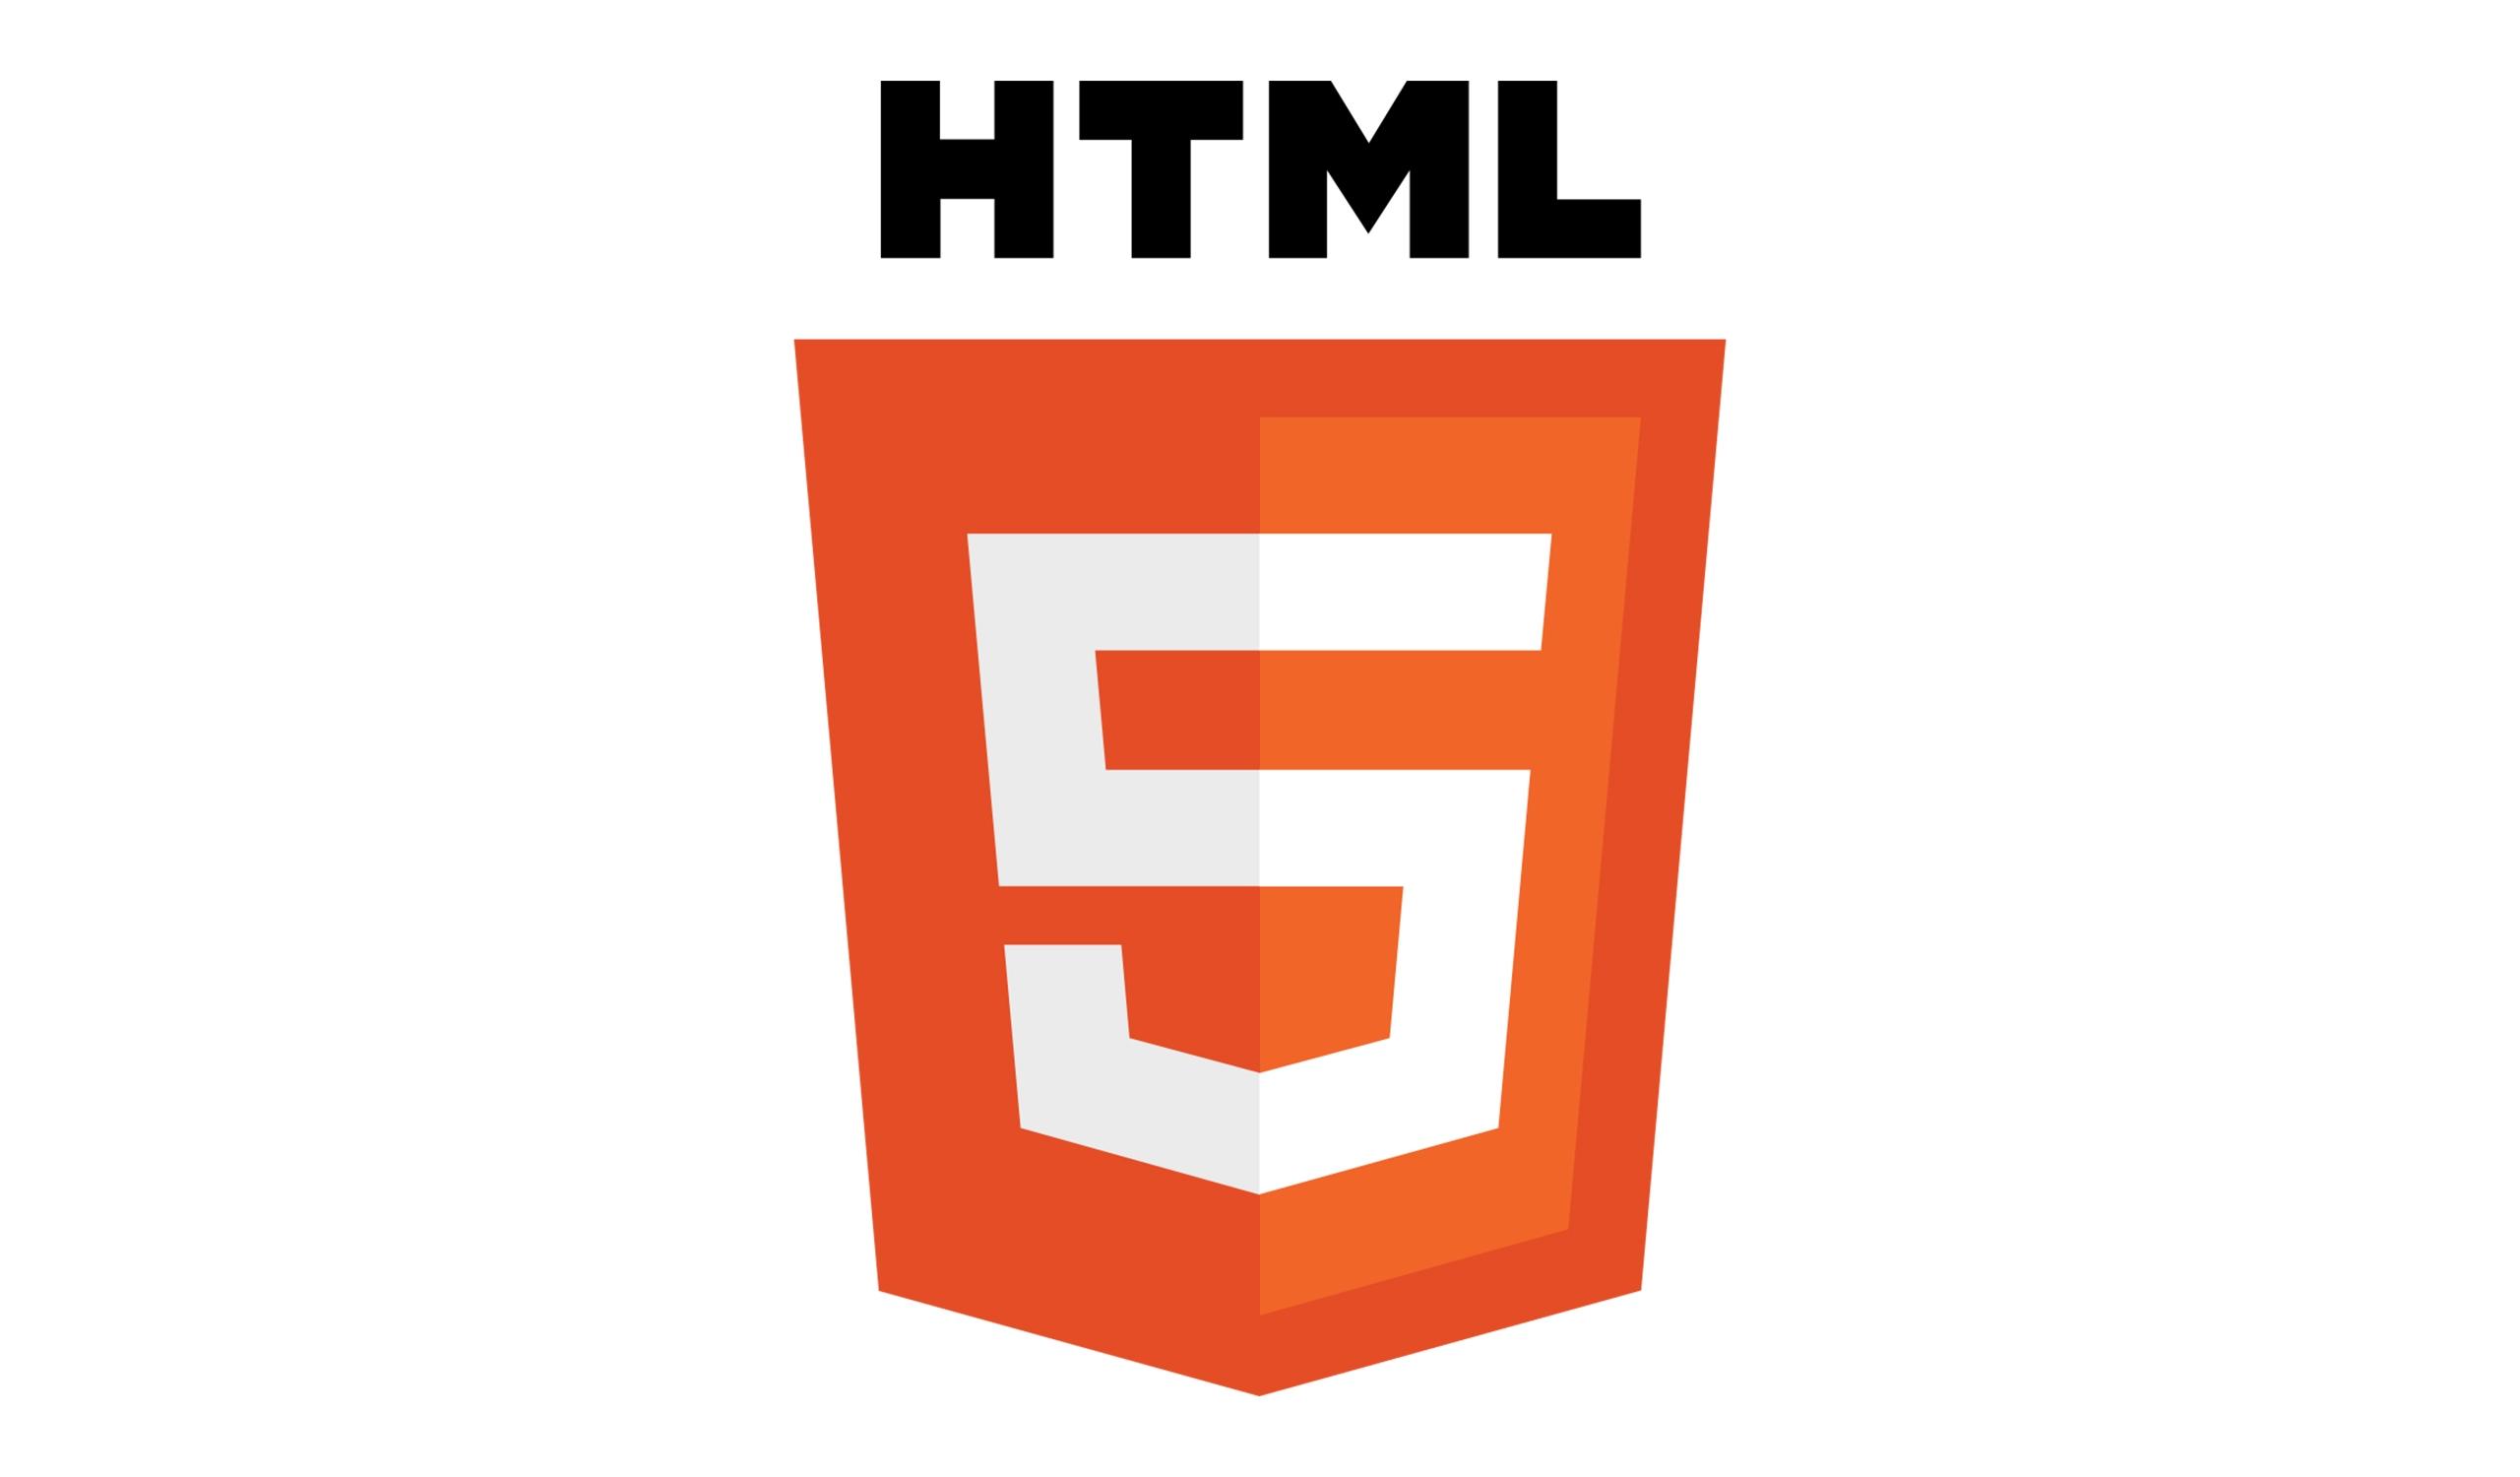 cuckhoo-web-design-digital-marketing-industry-skills-html